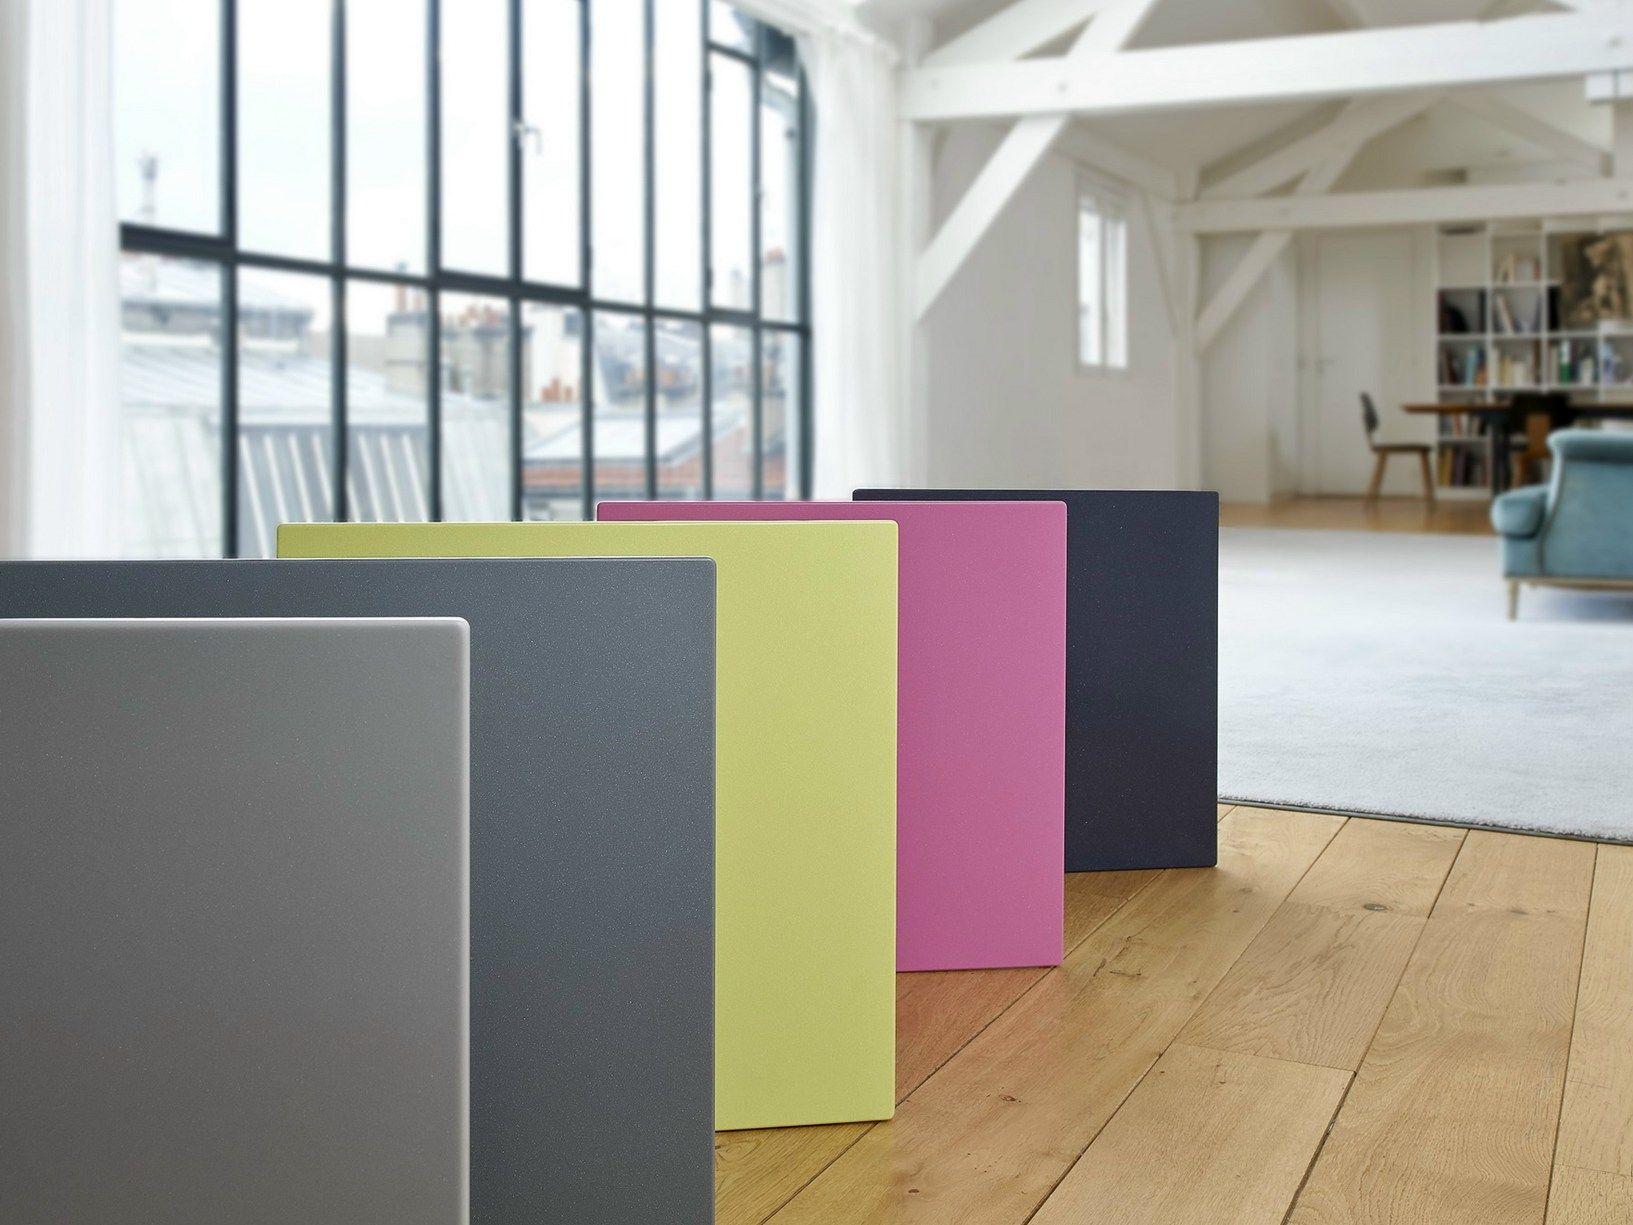 Macs De Lg Hausys Deslumbra Con Los Colores De Karim Rashid # Muebles Hi Macs